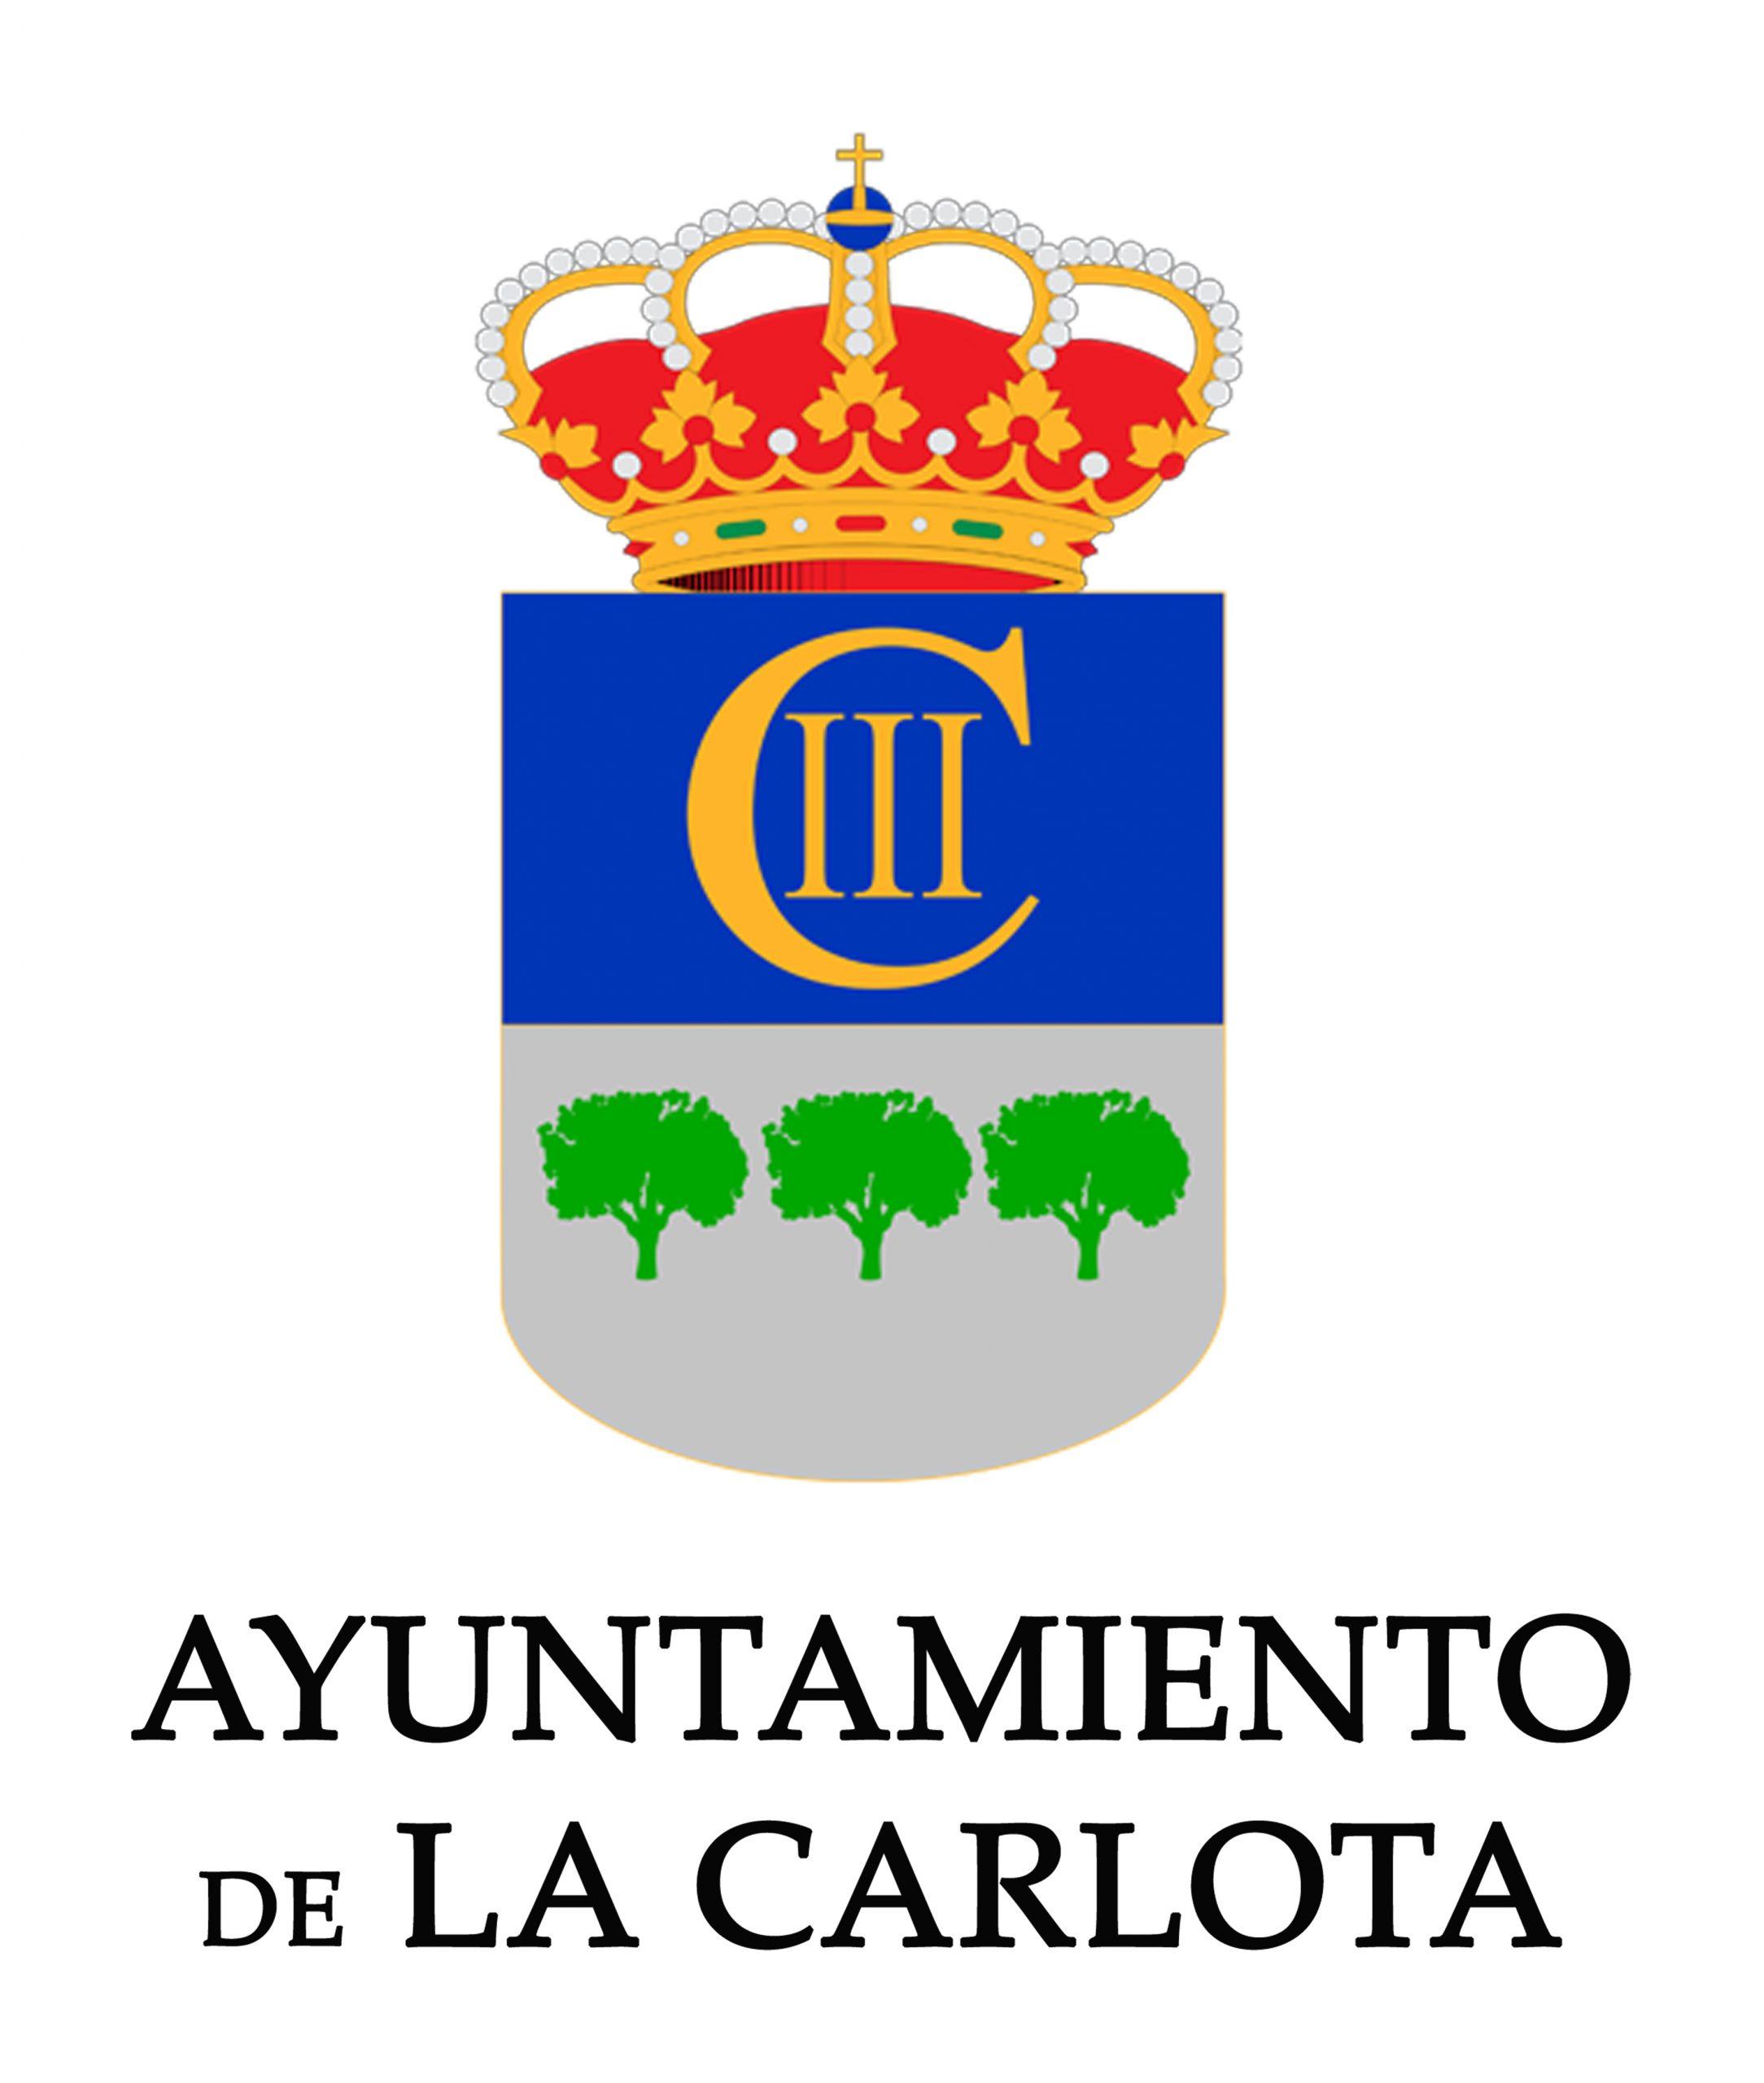 EL AYUNTAMIENTO DE LA CARLOTA TIENE CONOCIMIENTO DE LOS DOS PRIMEROS CASOS POSITIVOS DE CORONAVIRUS EN LA LOCALIDAD 1